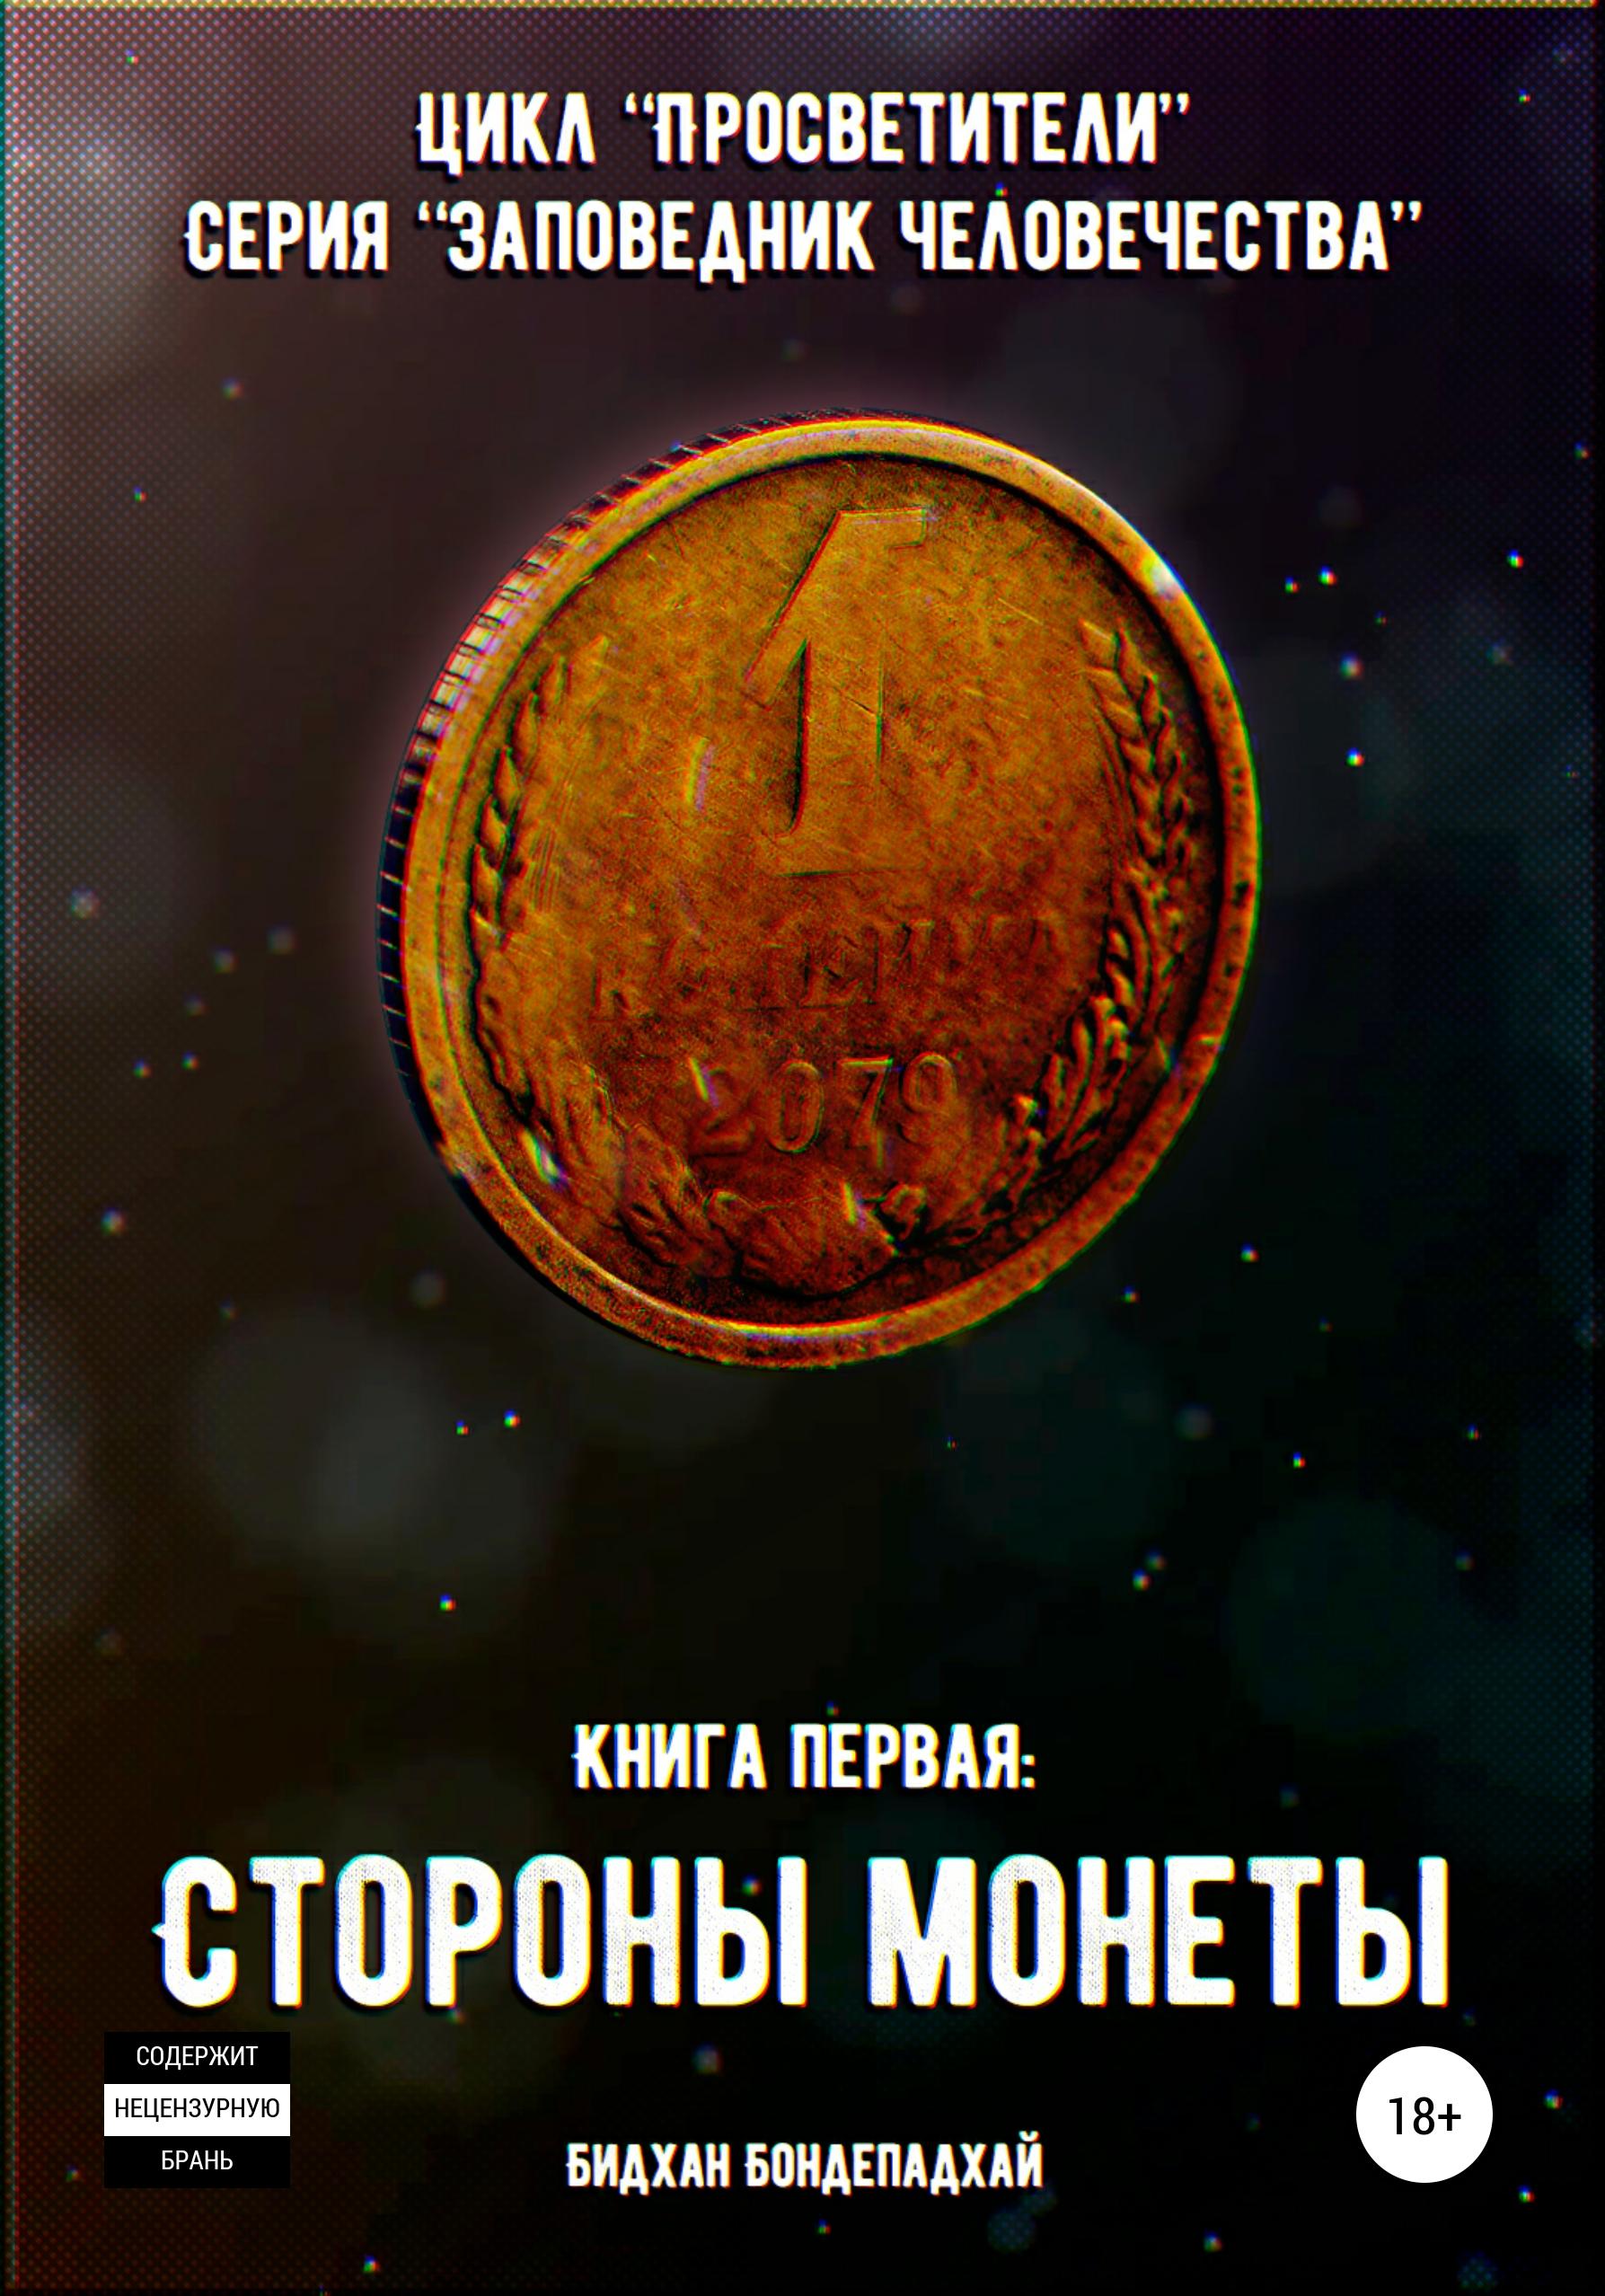 Бидхан Бондепадхай - Цикл «Просветители». Серия «Заповедник человечества». Книга первая: Стороны монеты